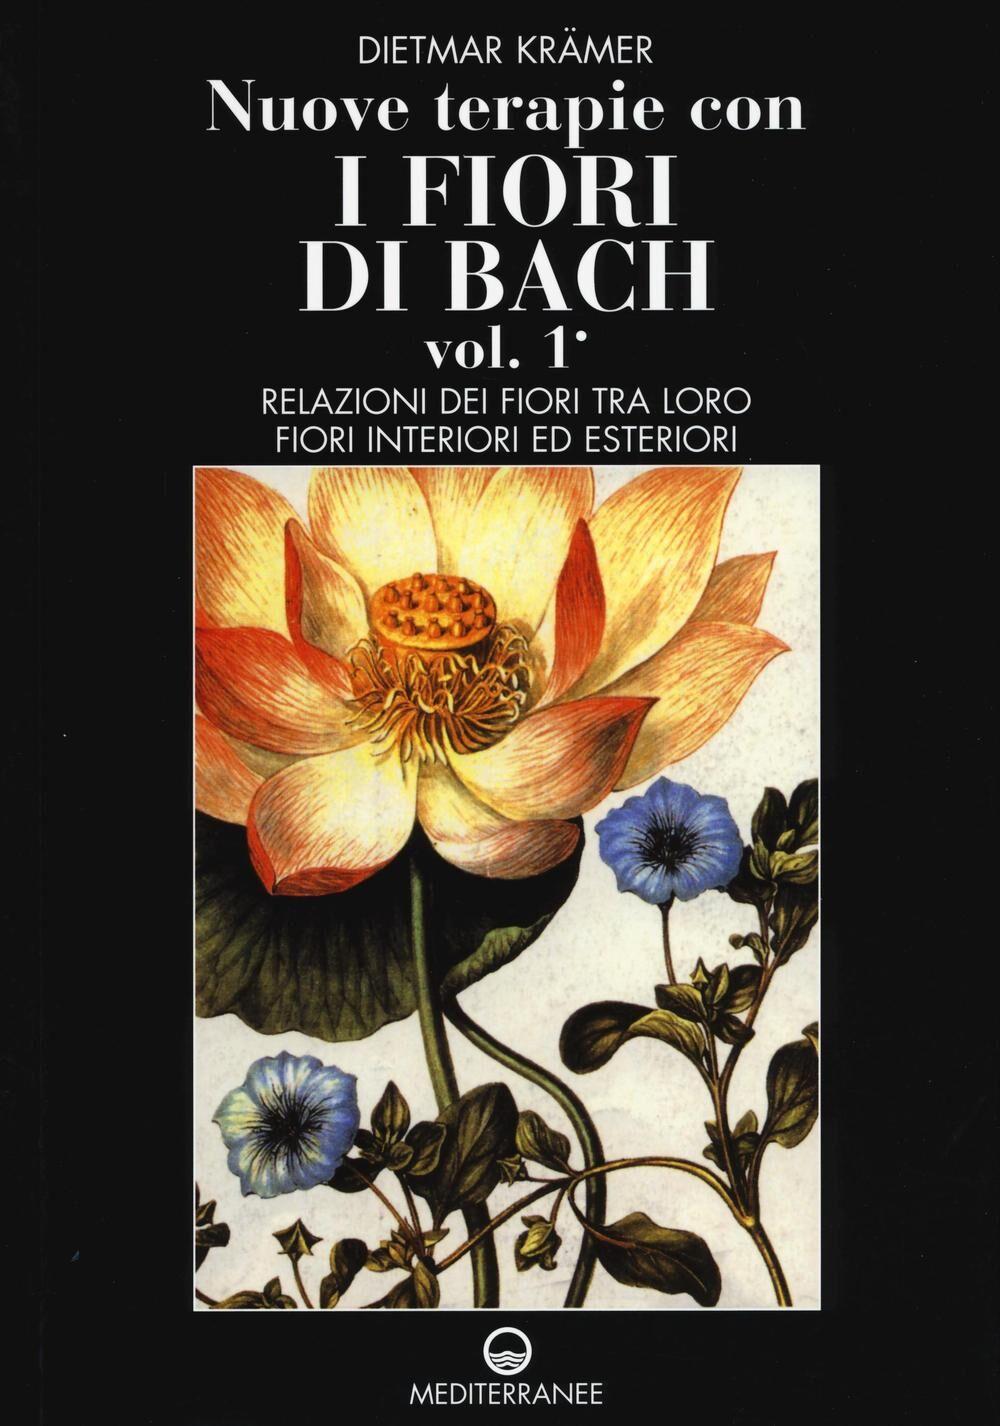 Nuove terapie con i fiori di Bach. Vol. 1: Relazioni dei fiori tra loro. Fiori interiori ed esteriori.